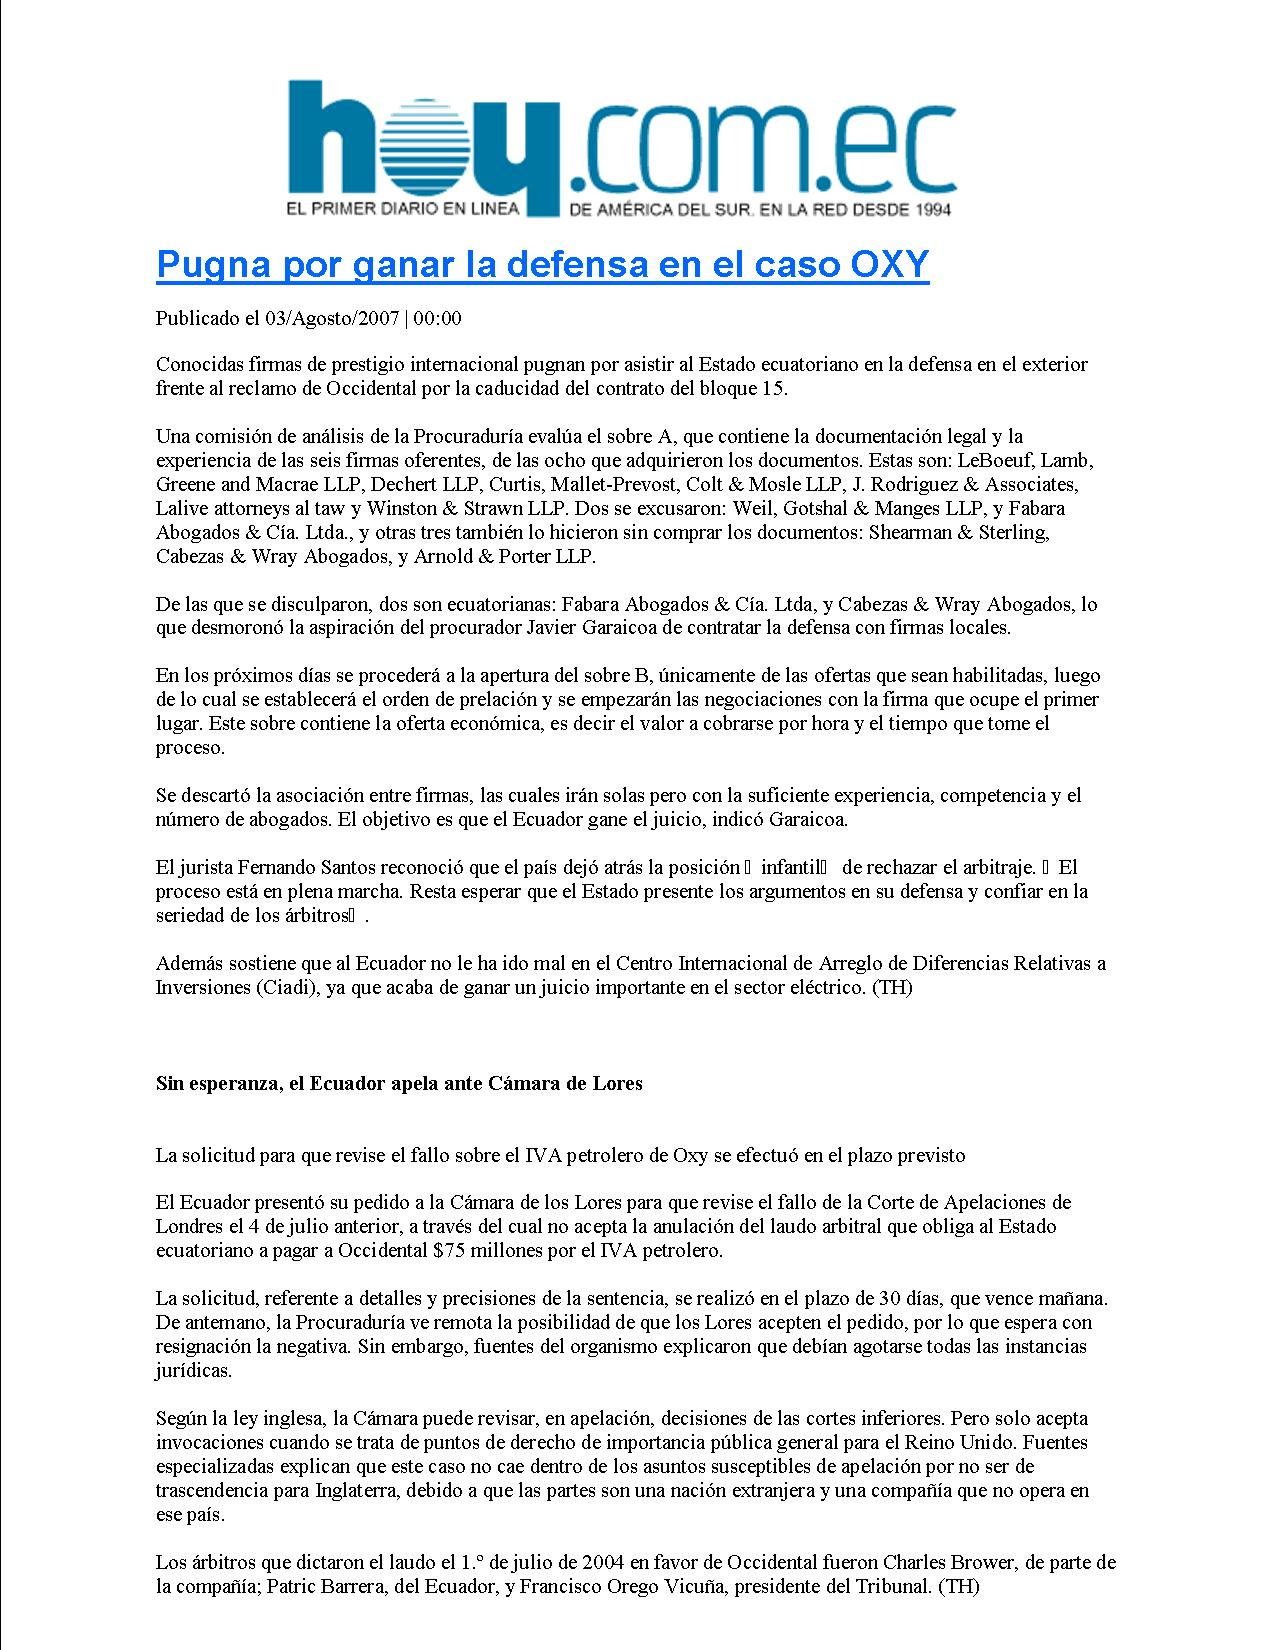 5-HOY 03-08-2007 Pugna por ganar la defensa en el caso OXY